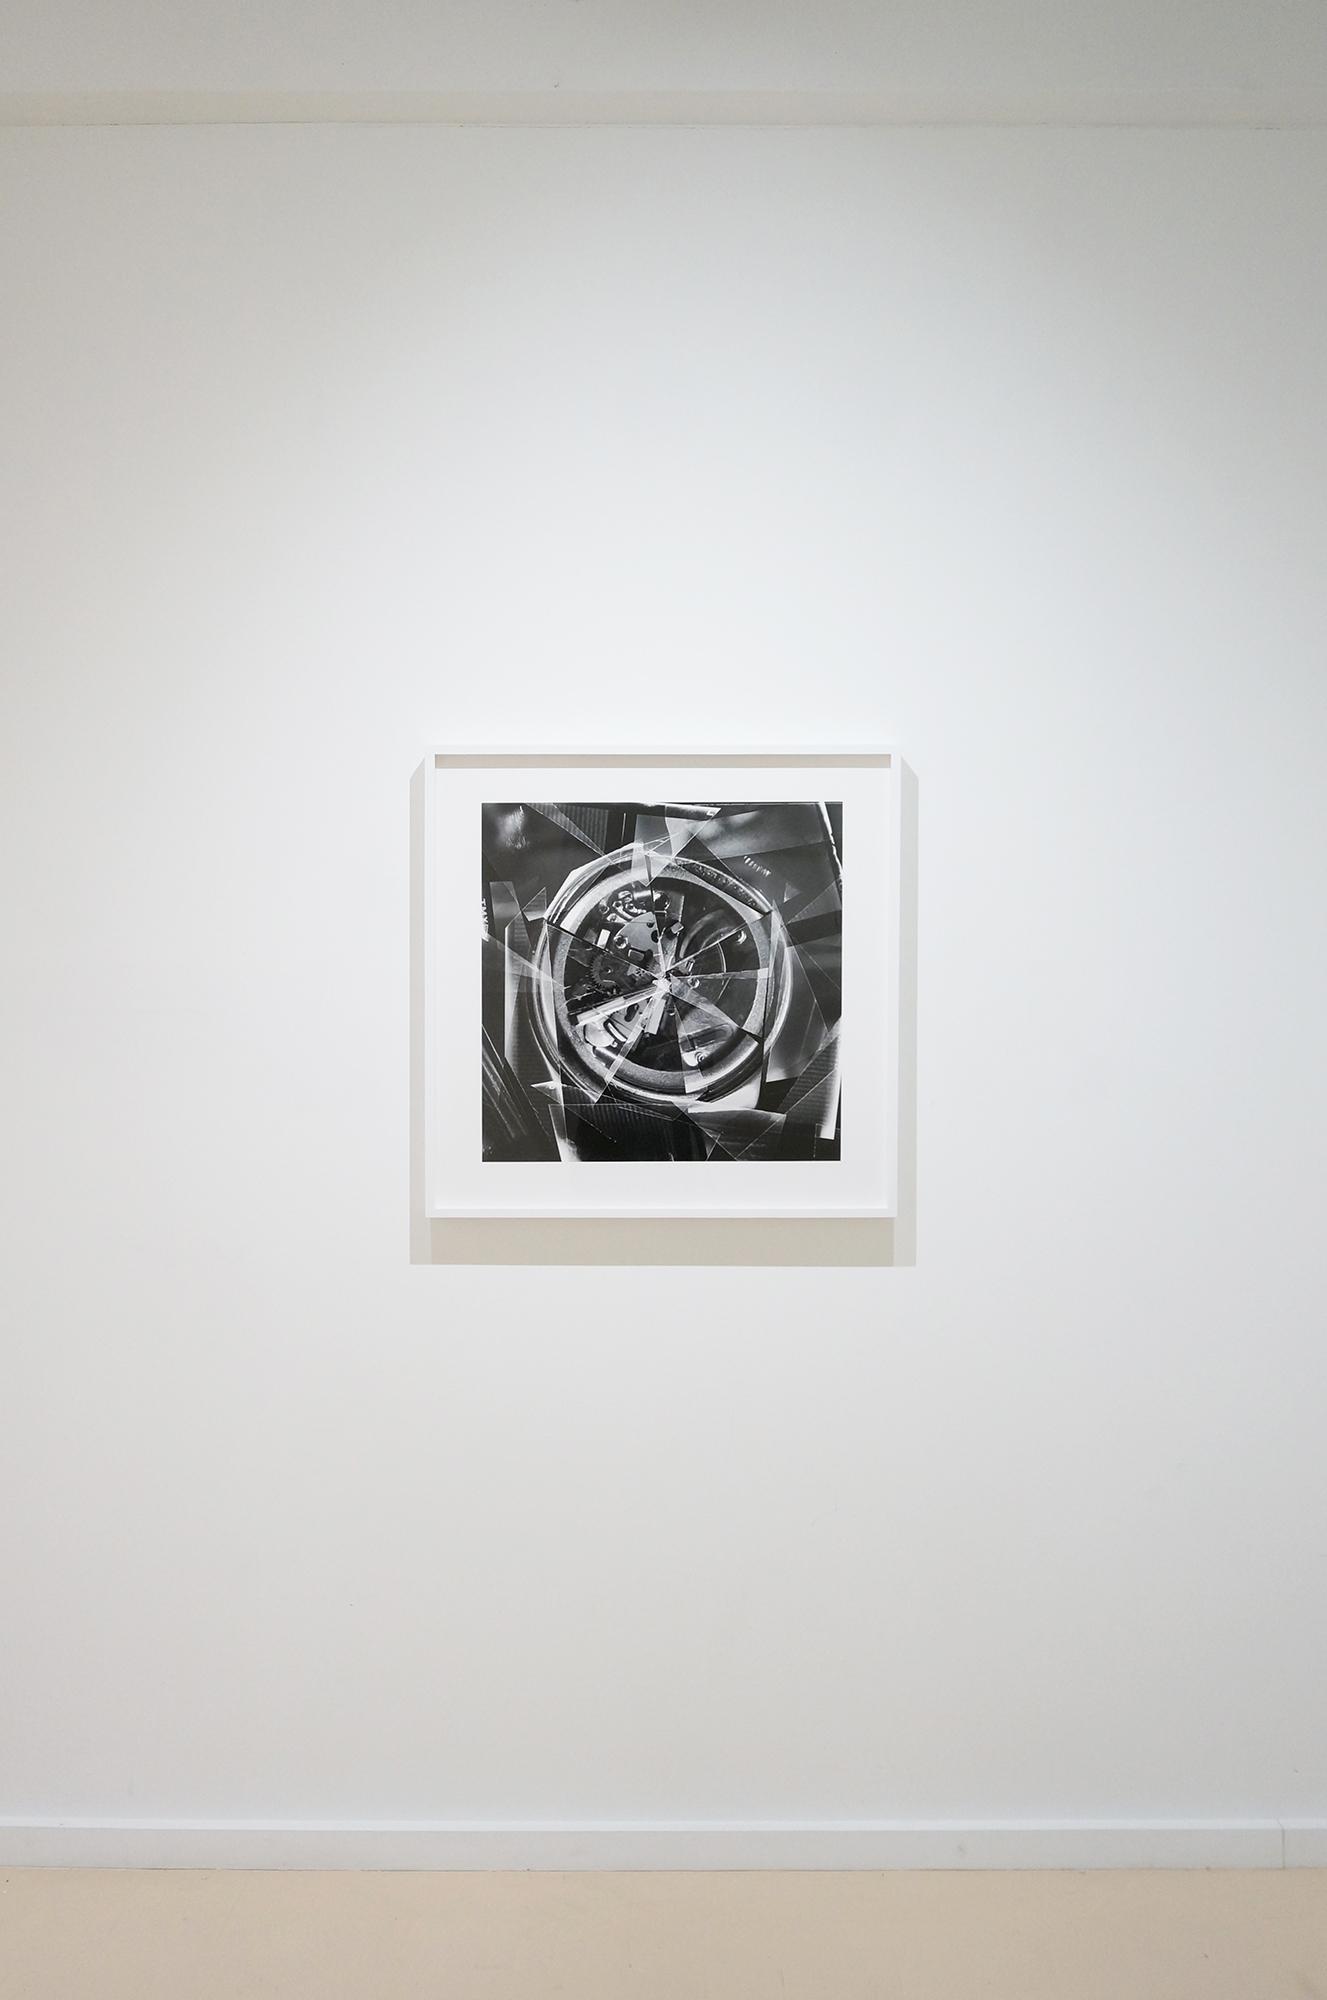 Au Charbonneau20 1er Juin 2019 Hugues Aout Art Galerie Ybgyv7f6